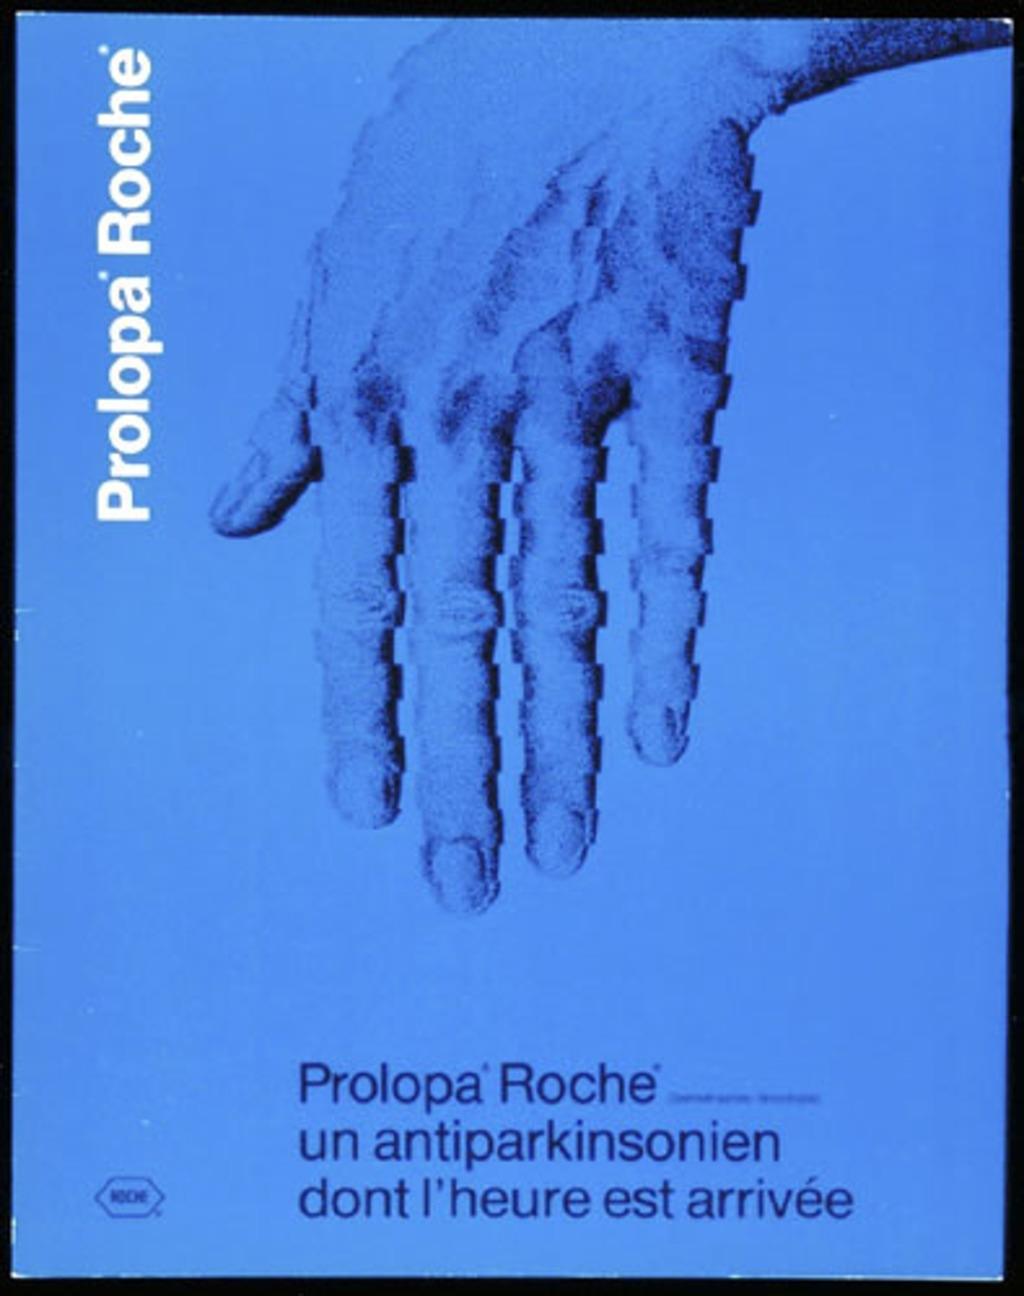 Dépliant « Prolopa Roche. Un antiparkinsonien dont l'heure est arrivée », pour Roche